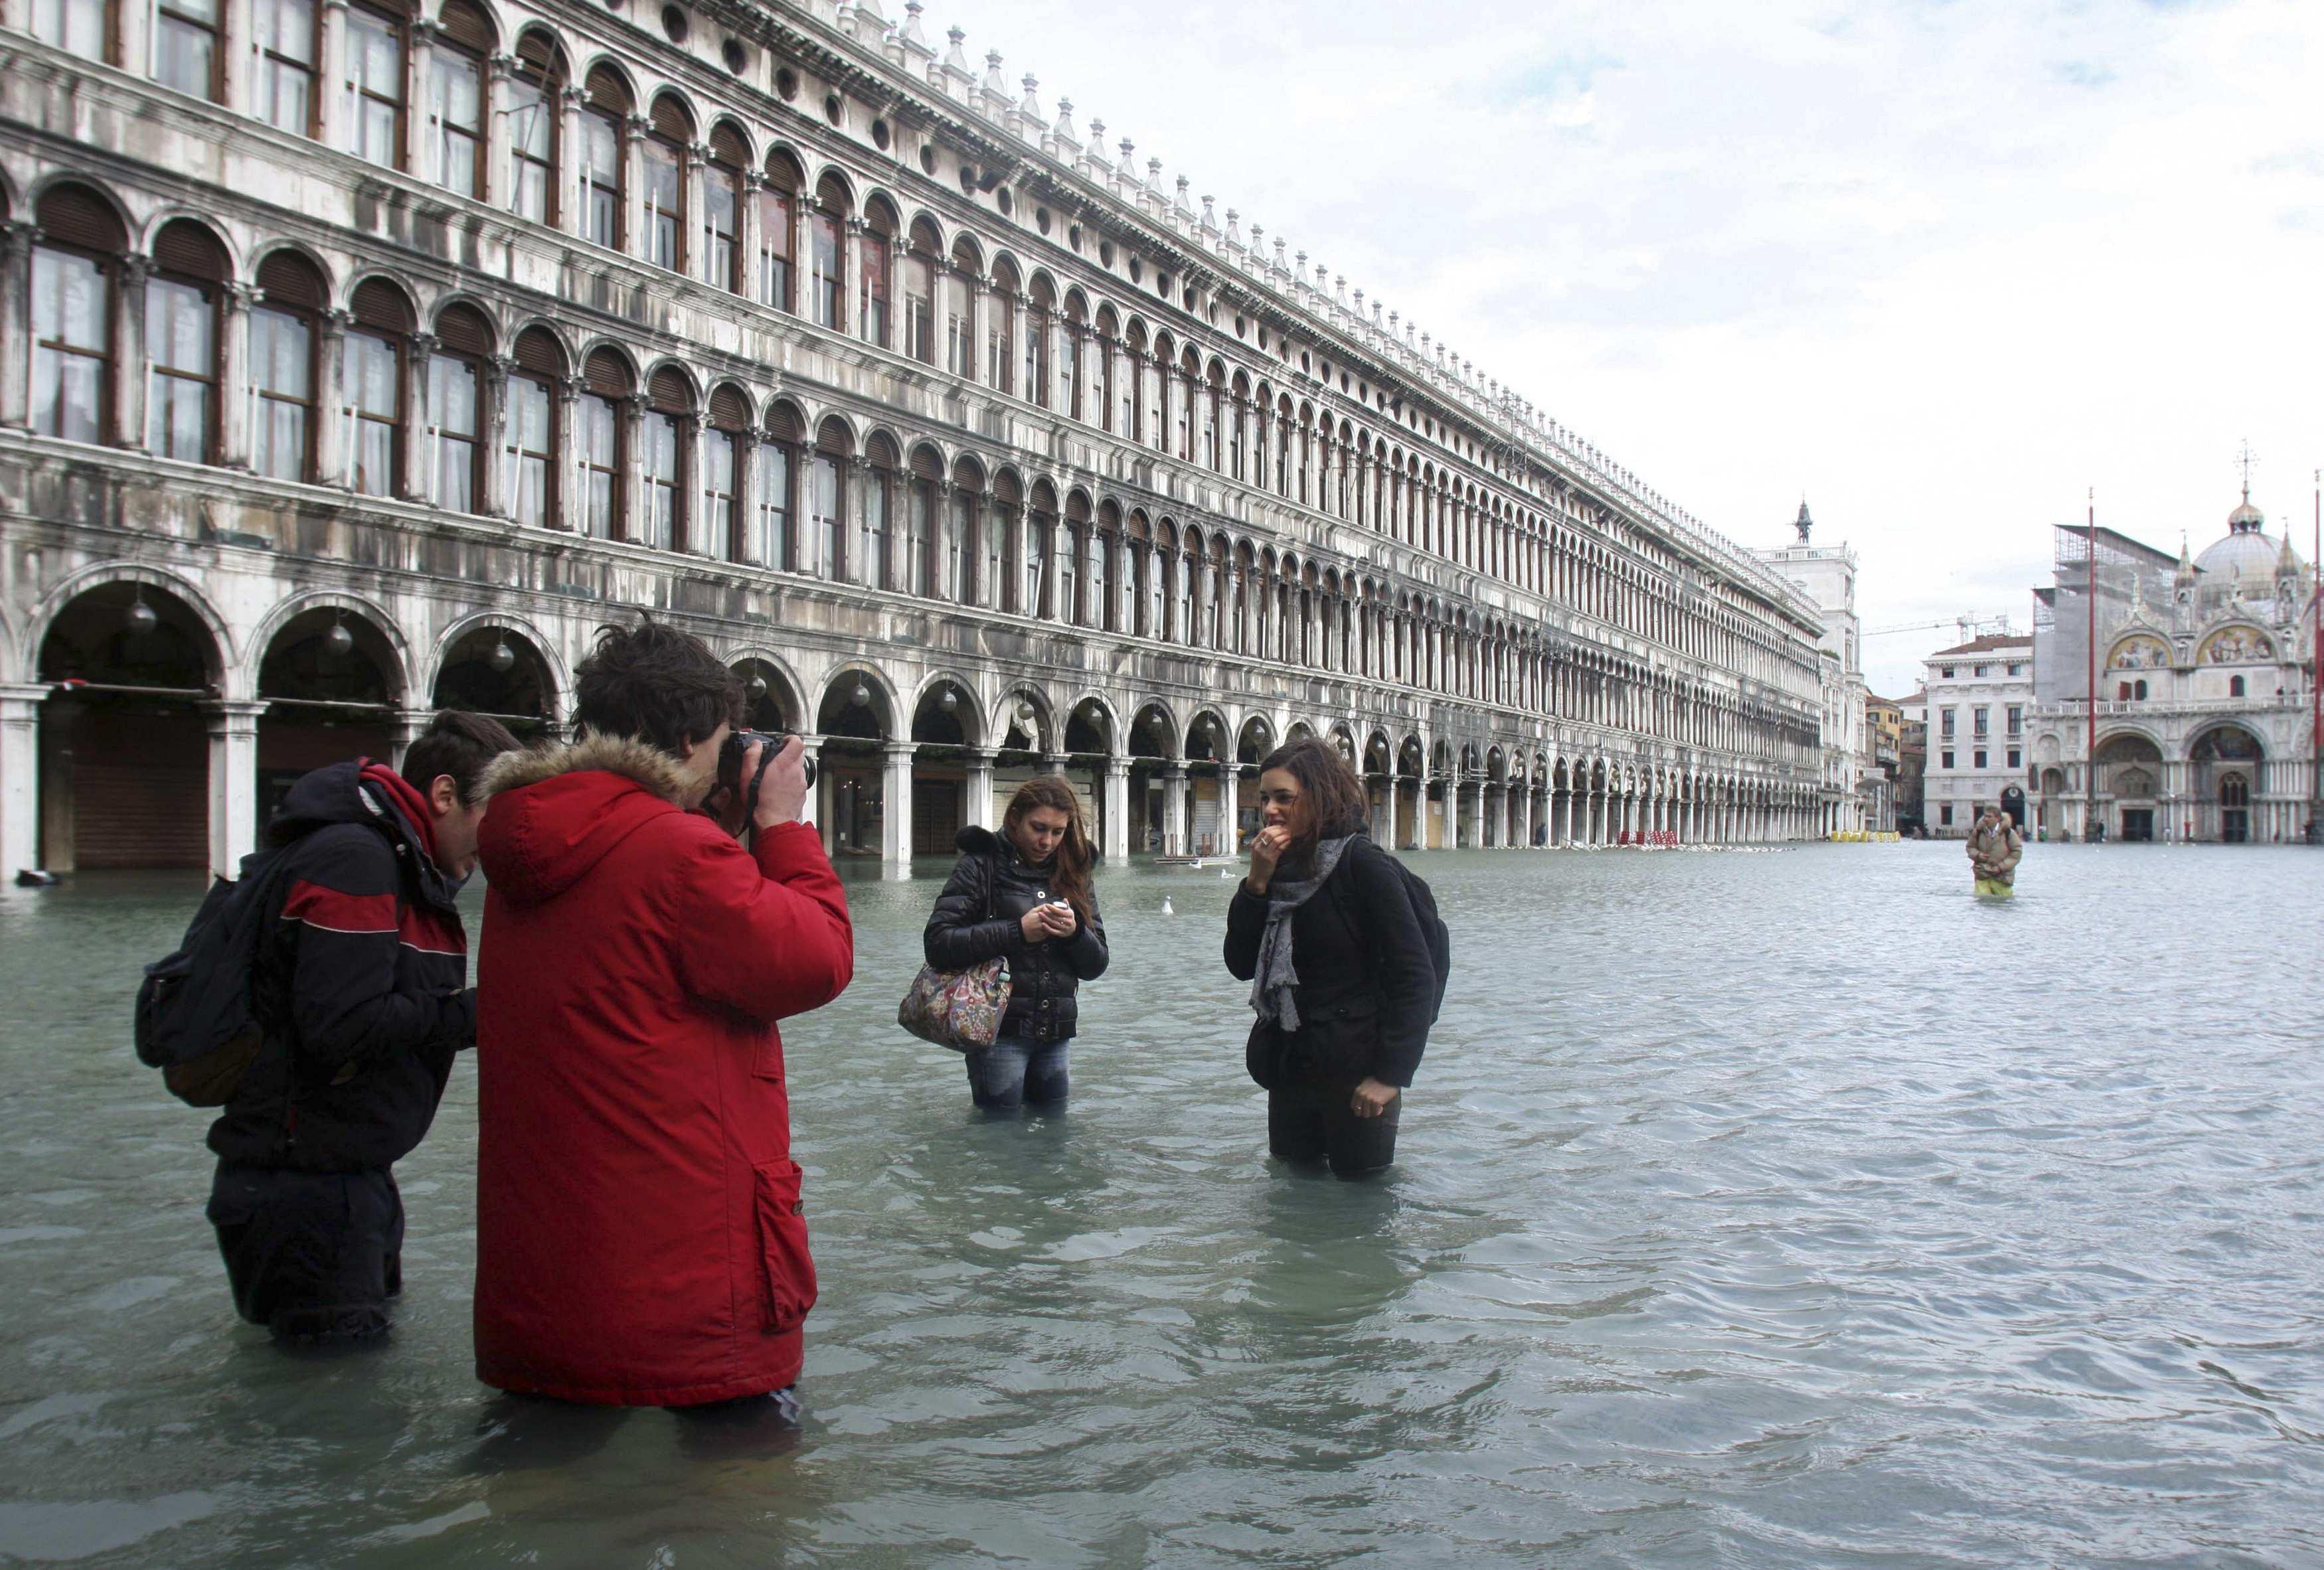 威尼斯城77%被淹 因31年前立项的水利工程未完工